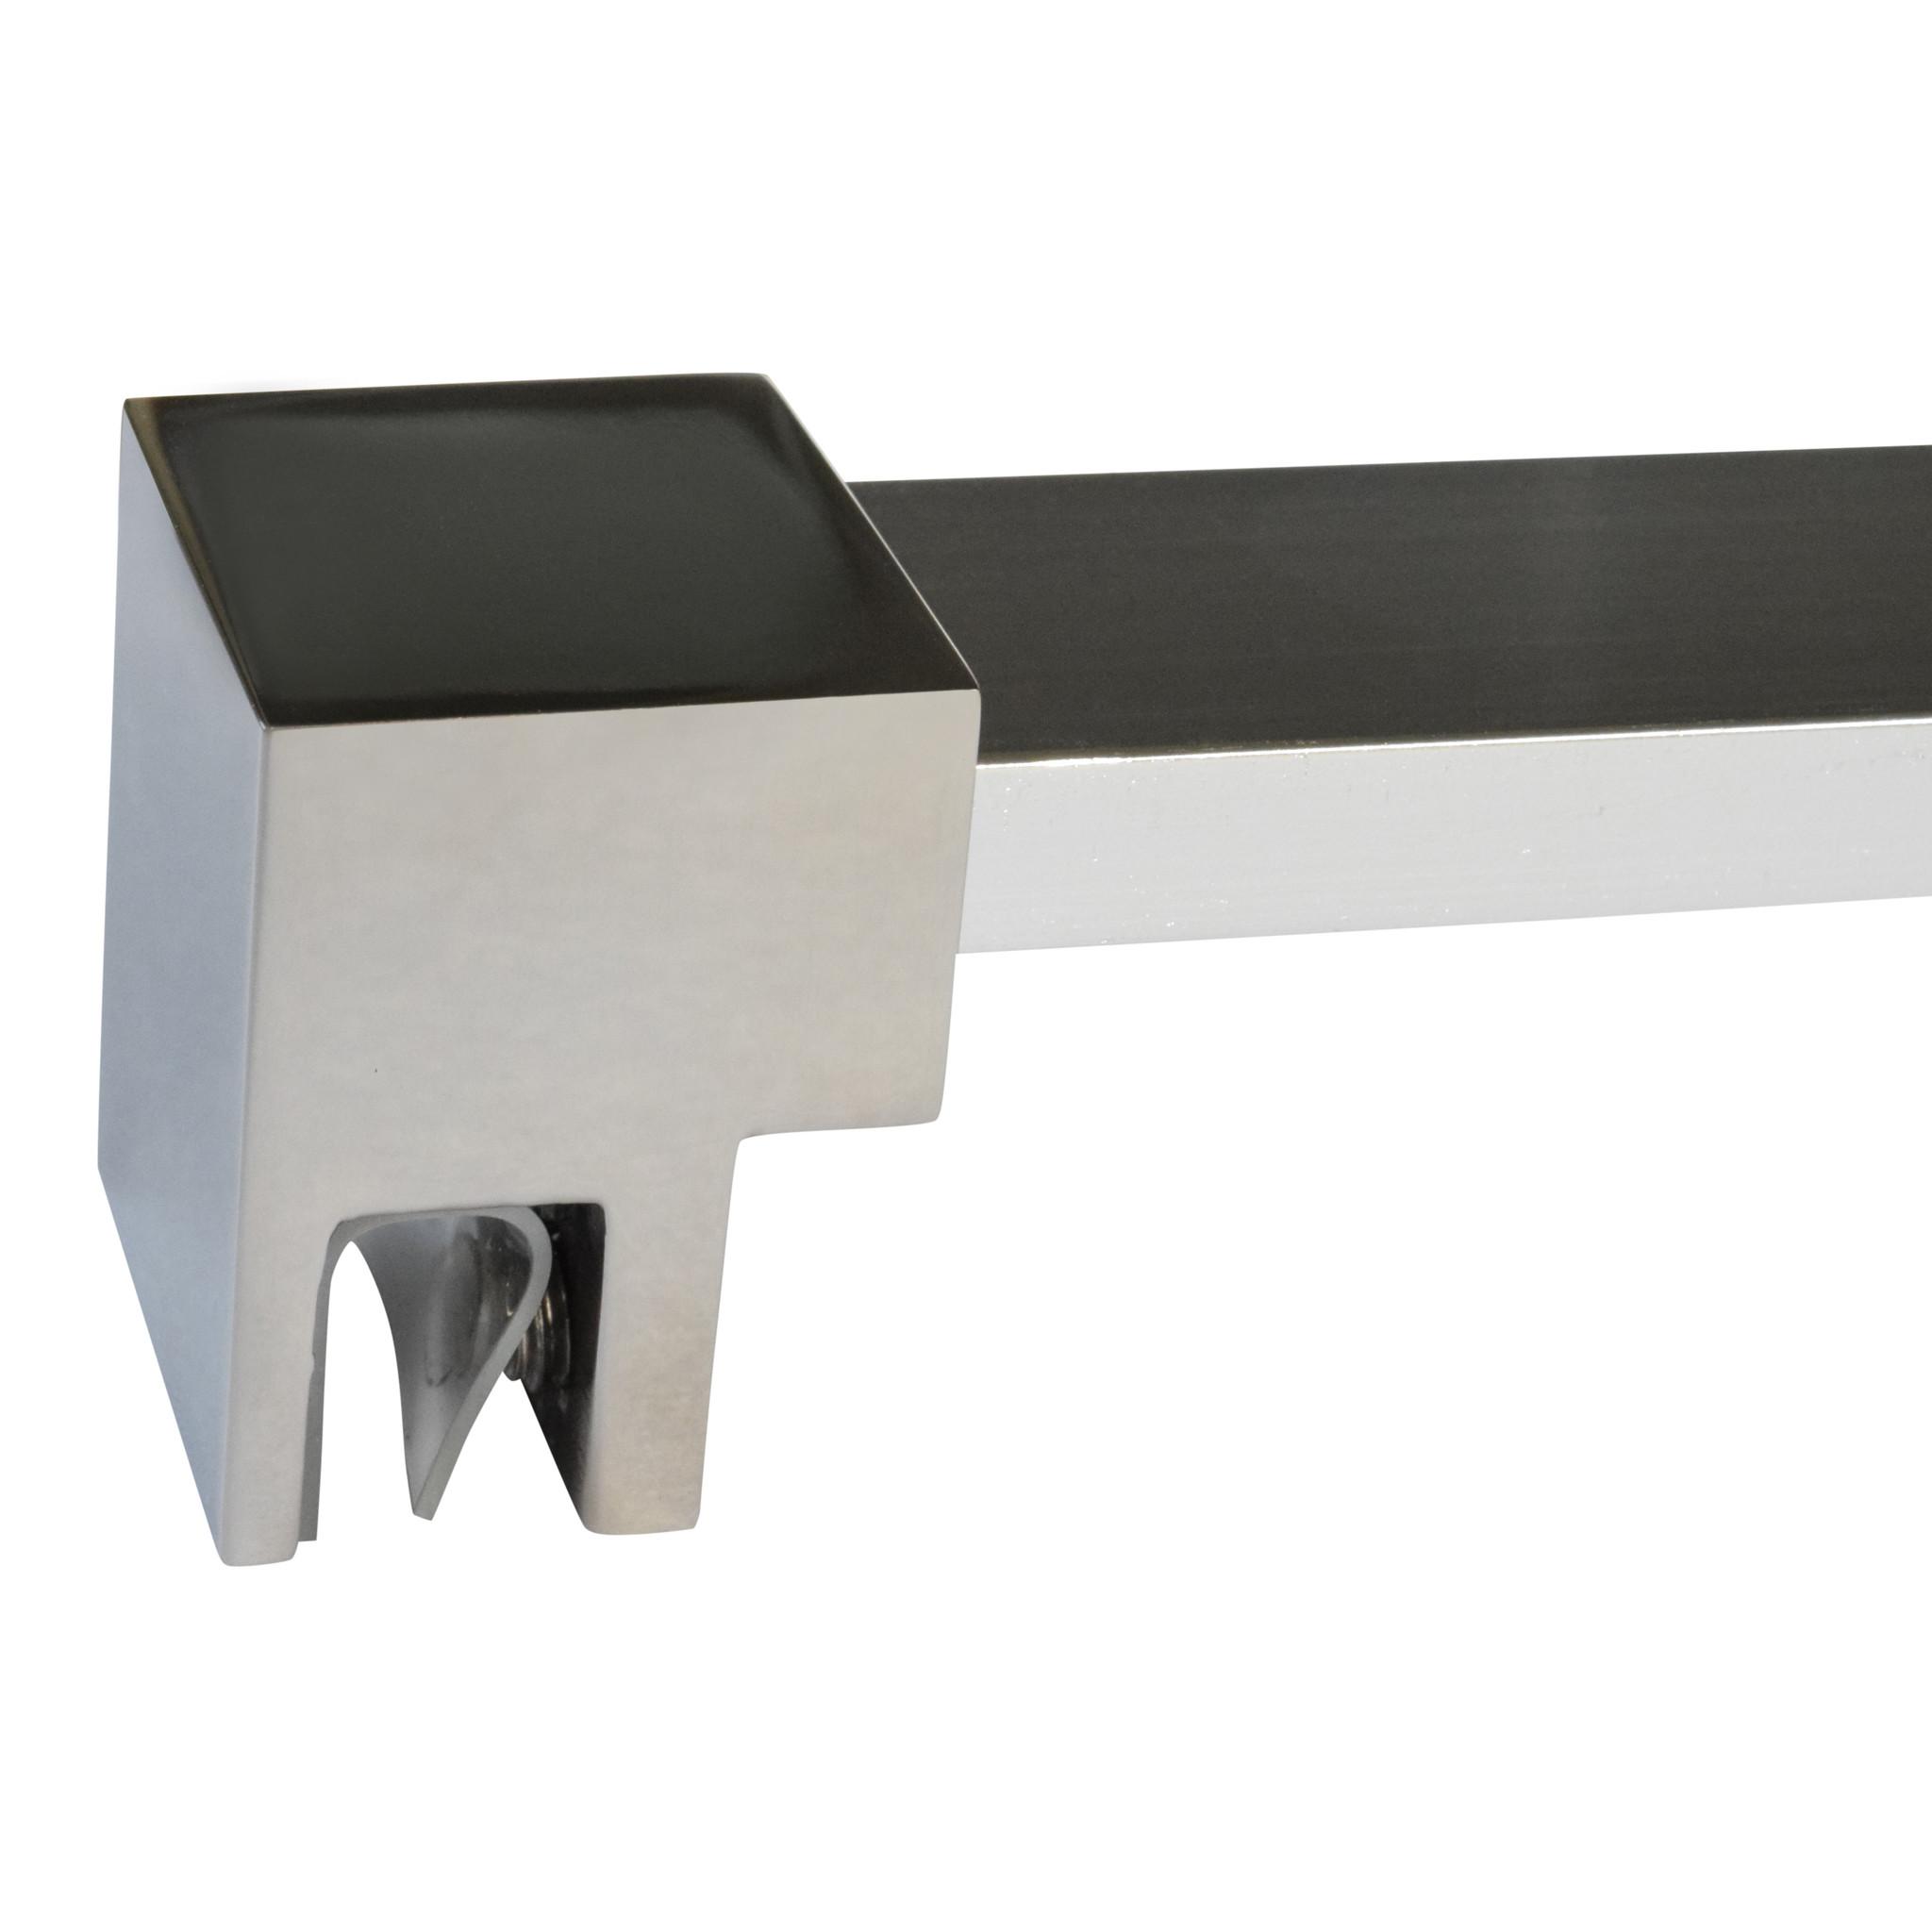 Linea Uno Stabilisatiestang compleet vierkant 120 cm